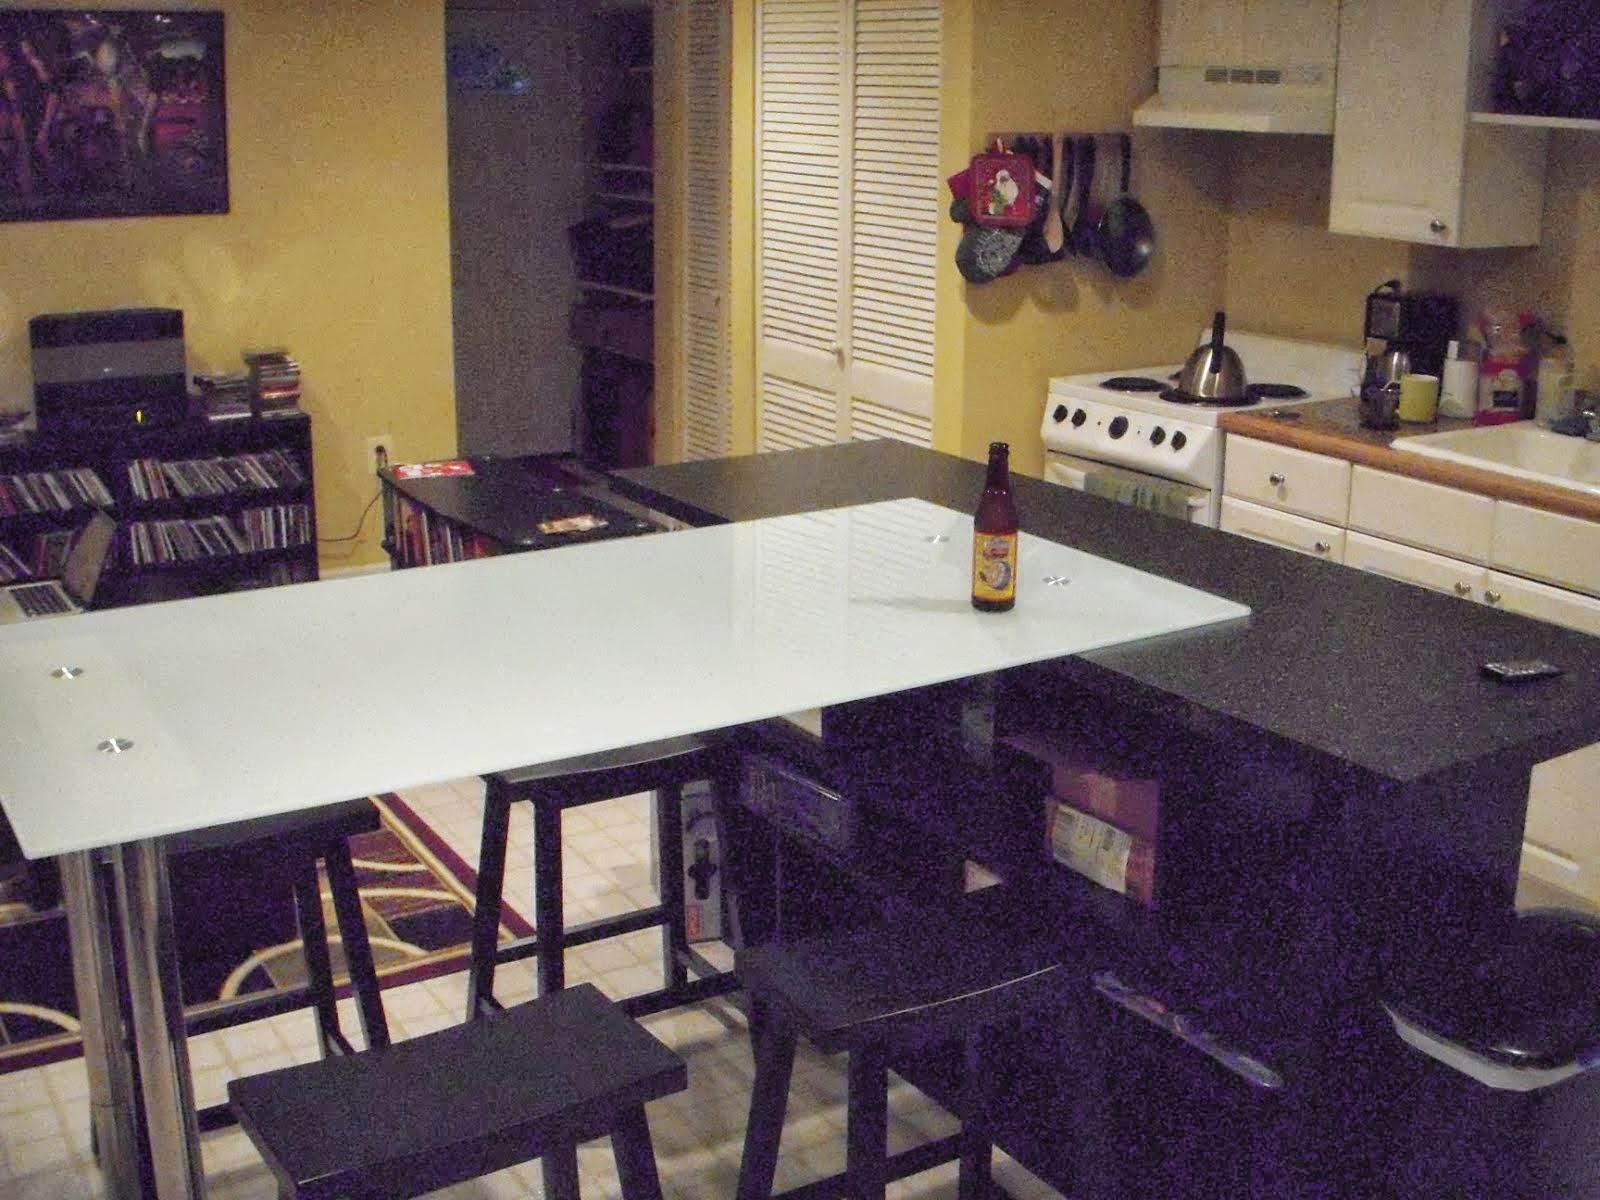 t kitchen islanddining table kitchen island table ikea T Kitchen Island Dining Table